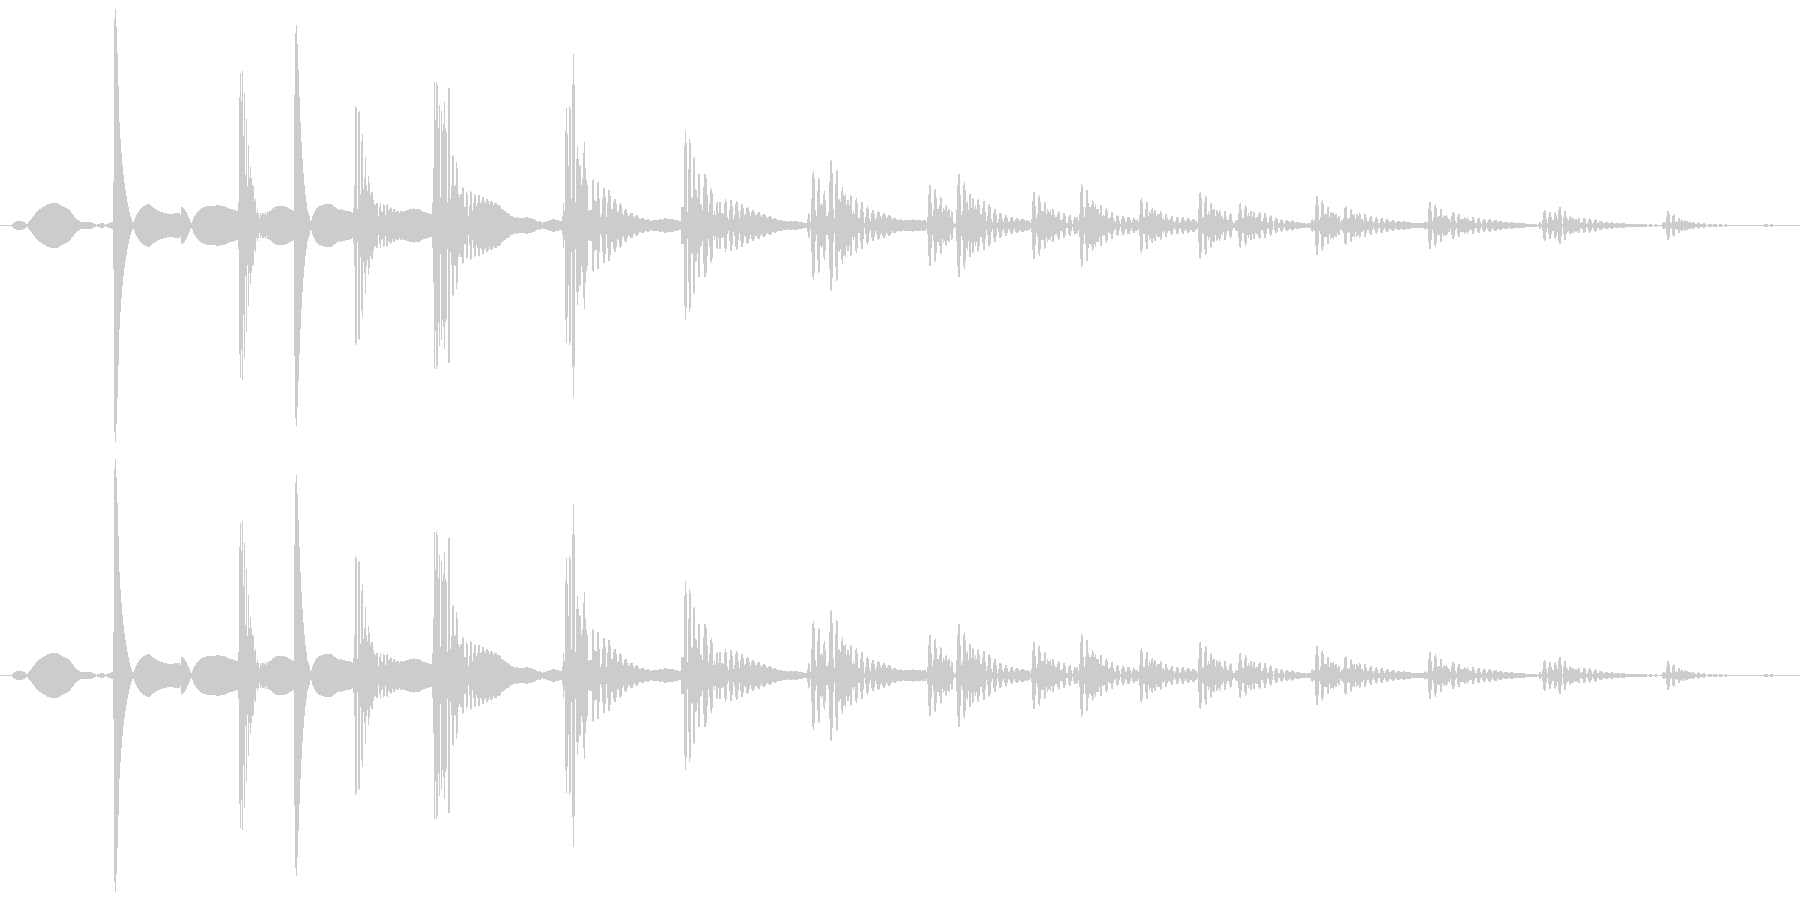 ダメージ (縮む、落とす) テピィォォンの未再生の波形